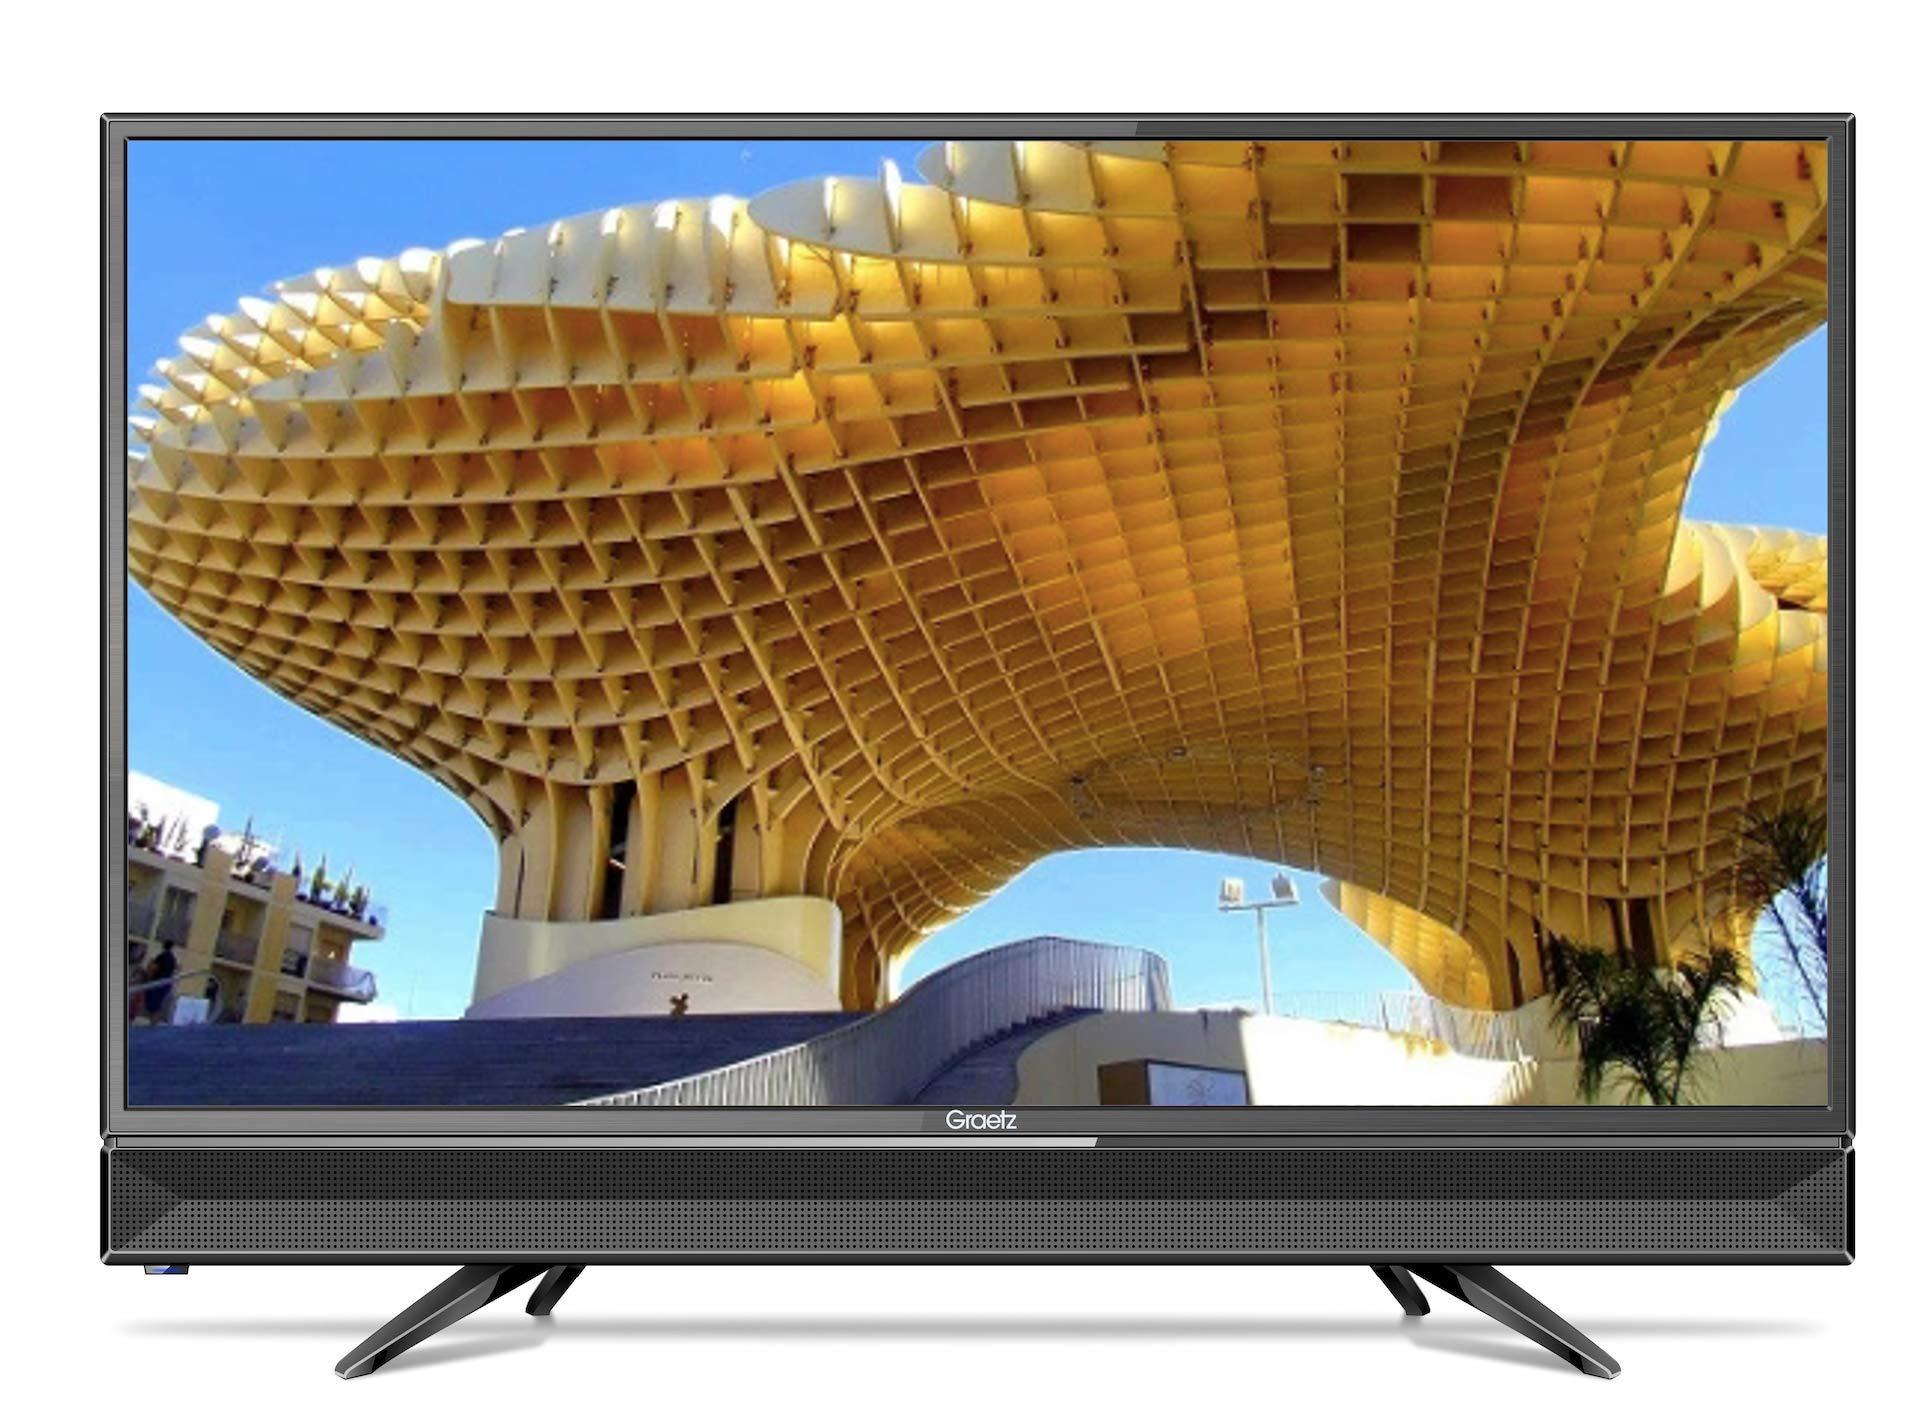 Graetz - TV LED de 32 pulgadas, HD ready, conexión para señal digital terrestre DVB/T2. Código: GR32W2800: Amazon.es: Electrónica